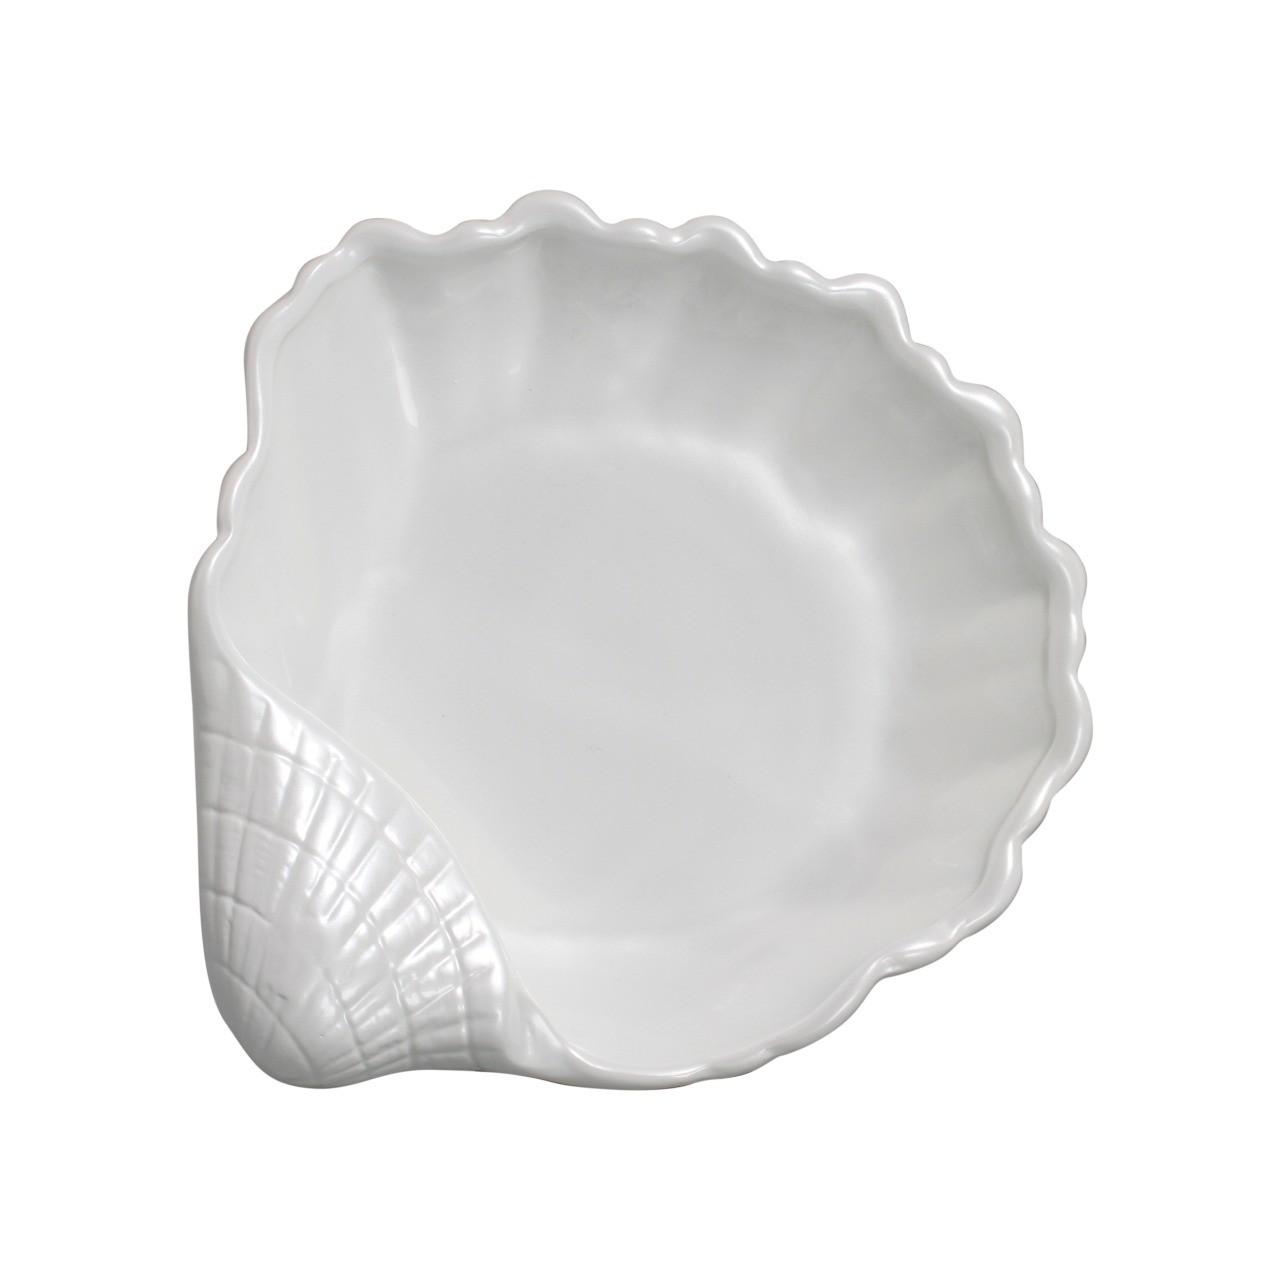 Enfeite de Ceramica Concha Branco 27cm 6430 - Ana Maria